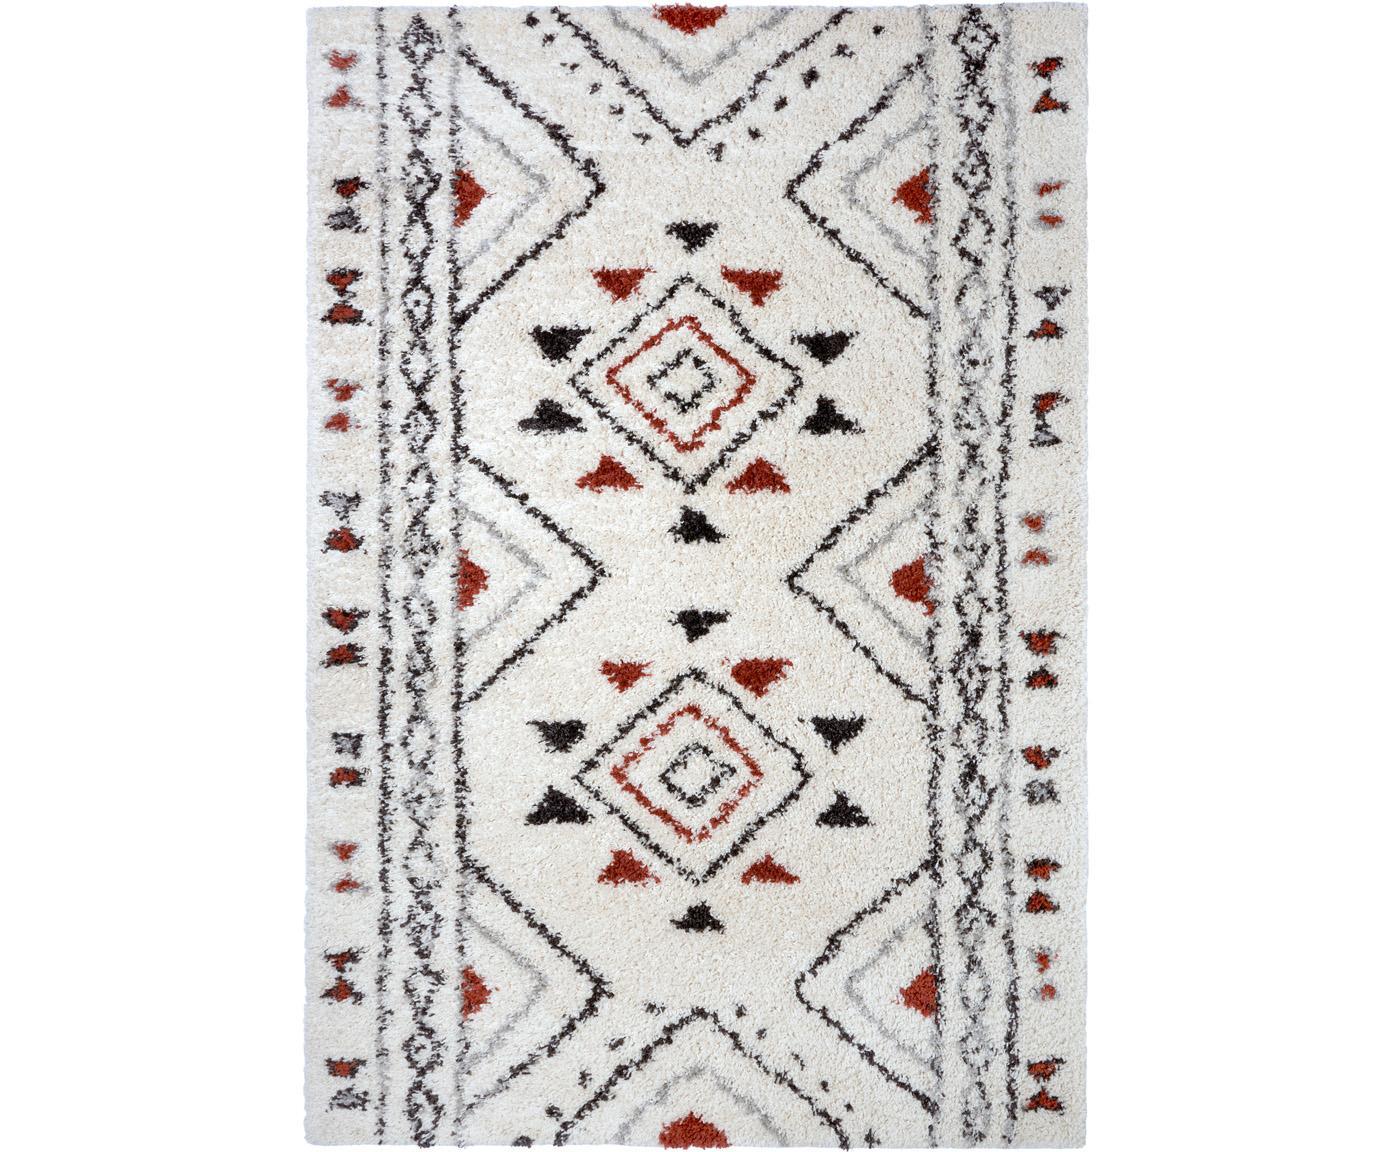 Hochflor-Teppich Hurley mit Ethnomuster, 100% Polypropylen, Cremefarben, Grau, Schwarz, Rostbraun, B 80 x L 150 cm (Größe XS)